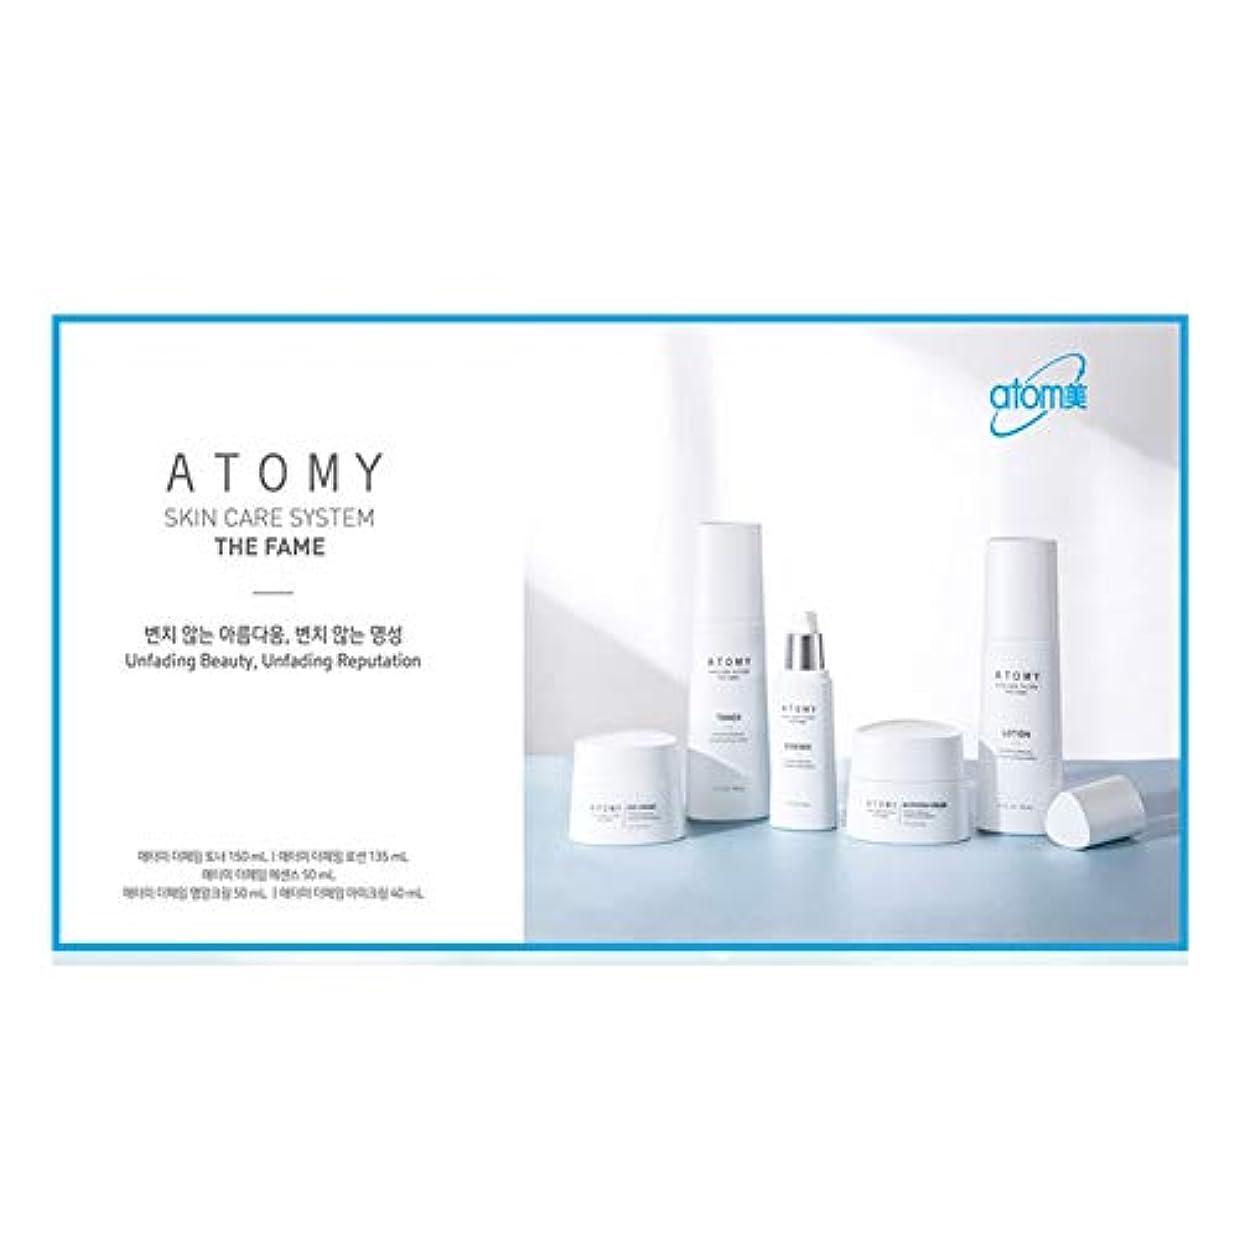 手首火山学マイナスアトミザ?フェームエッセンス50ml韓国コスメ、Atomy The Fame Essence 50ml Korean Cosmetics [並行輸入品]